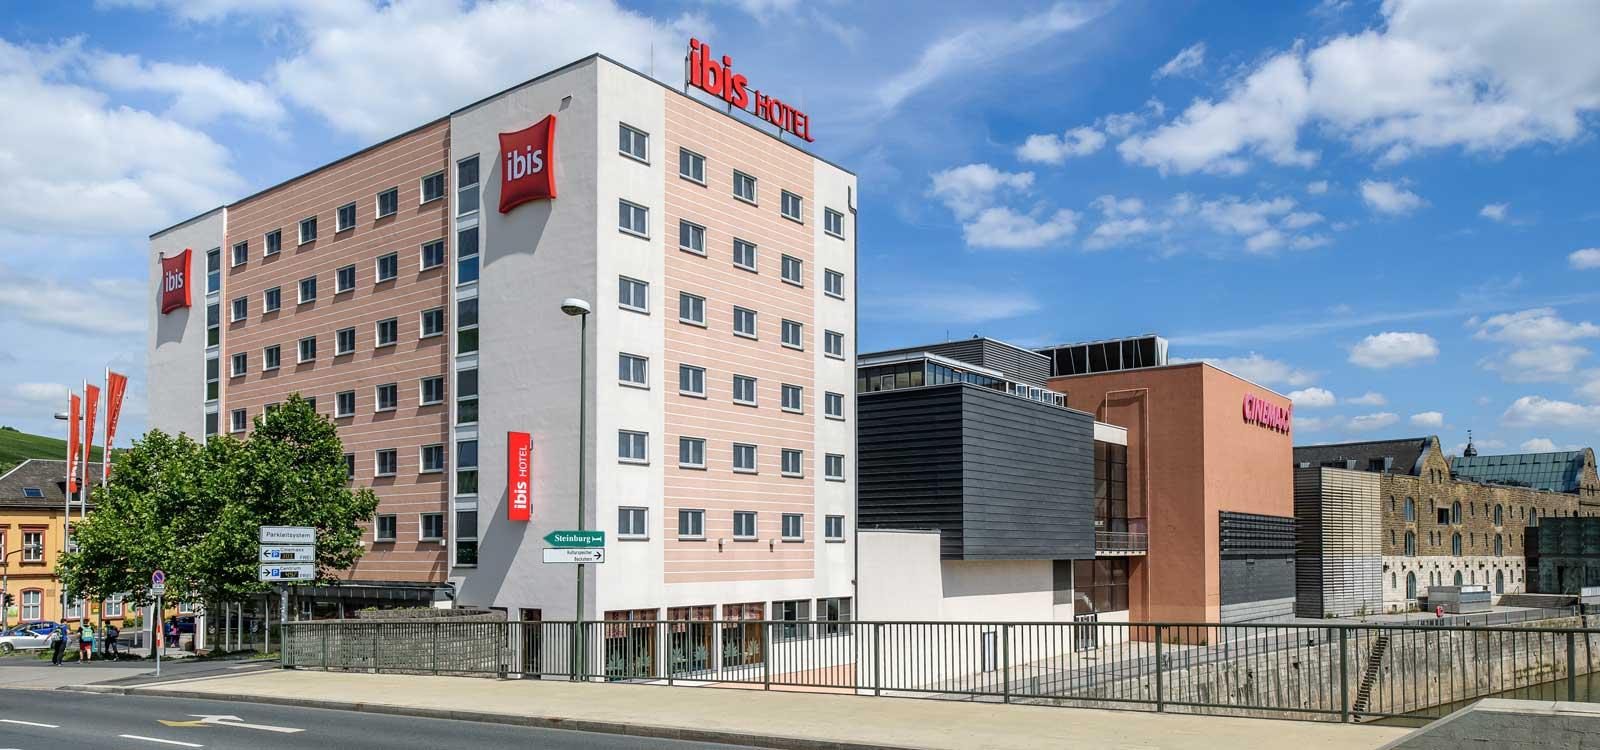 Ibis hotel w rzburg city event hotels intl for Design hotel wurzburg